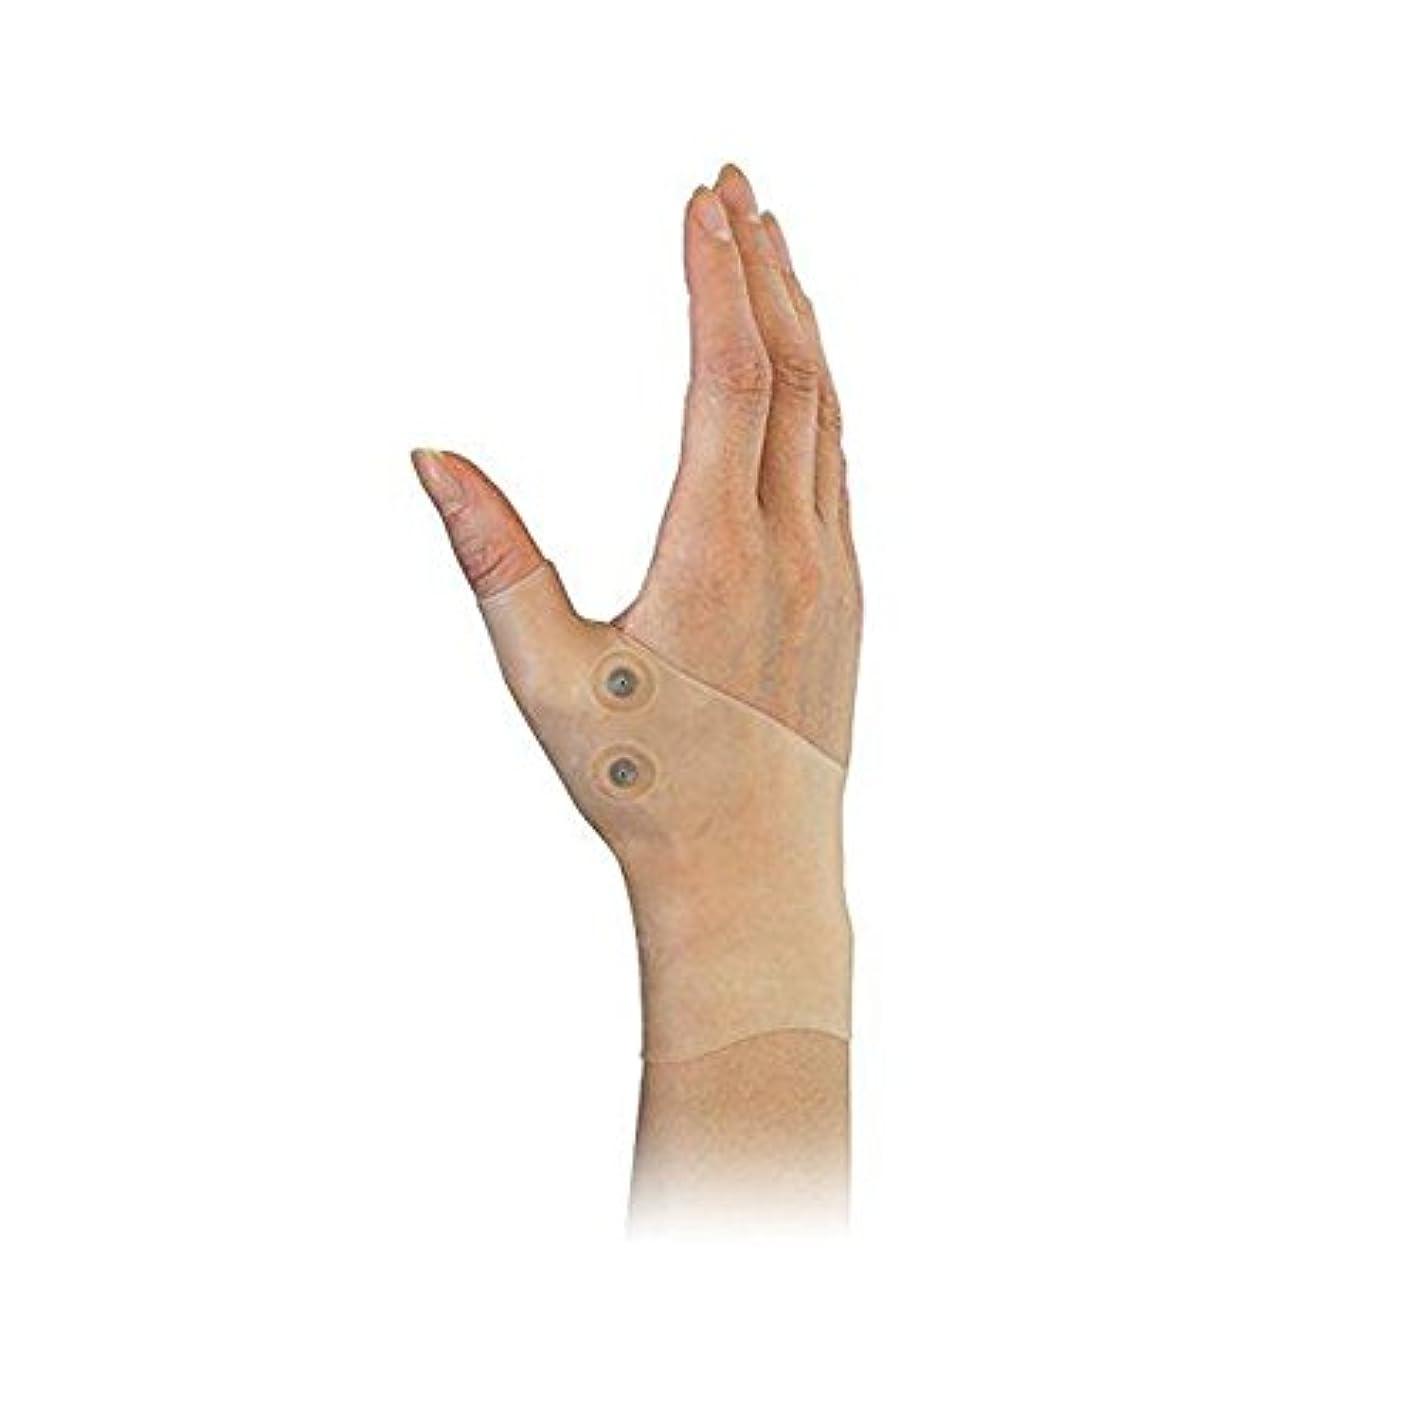 口述請求ポスターDOMO 親指サポーター 手首サポーター 肌の色合い 磁気療法 シリコーン素材 手首ブレース 保護 弾性 洗える 捻挫 腱鞘炎 タイピング 手首と親指の痛み リウマチ 関節炎用 男女兼用